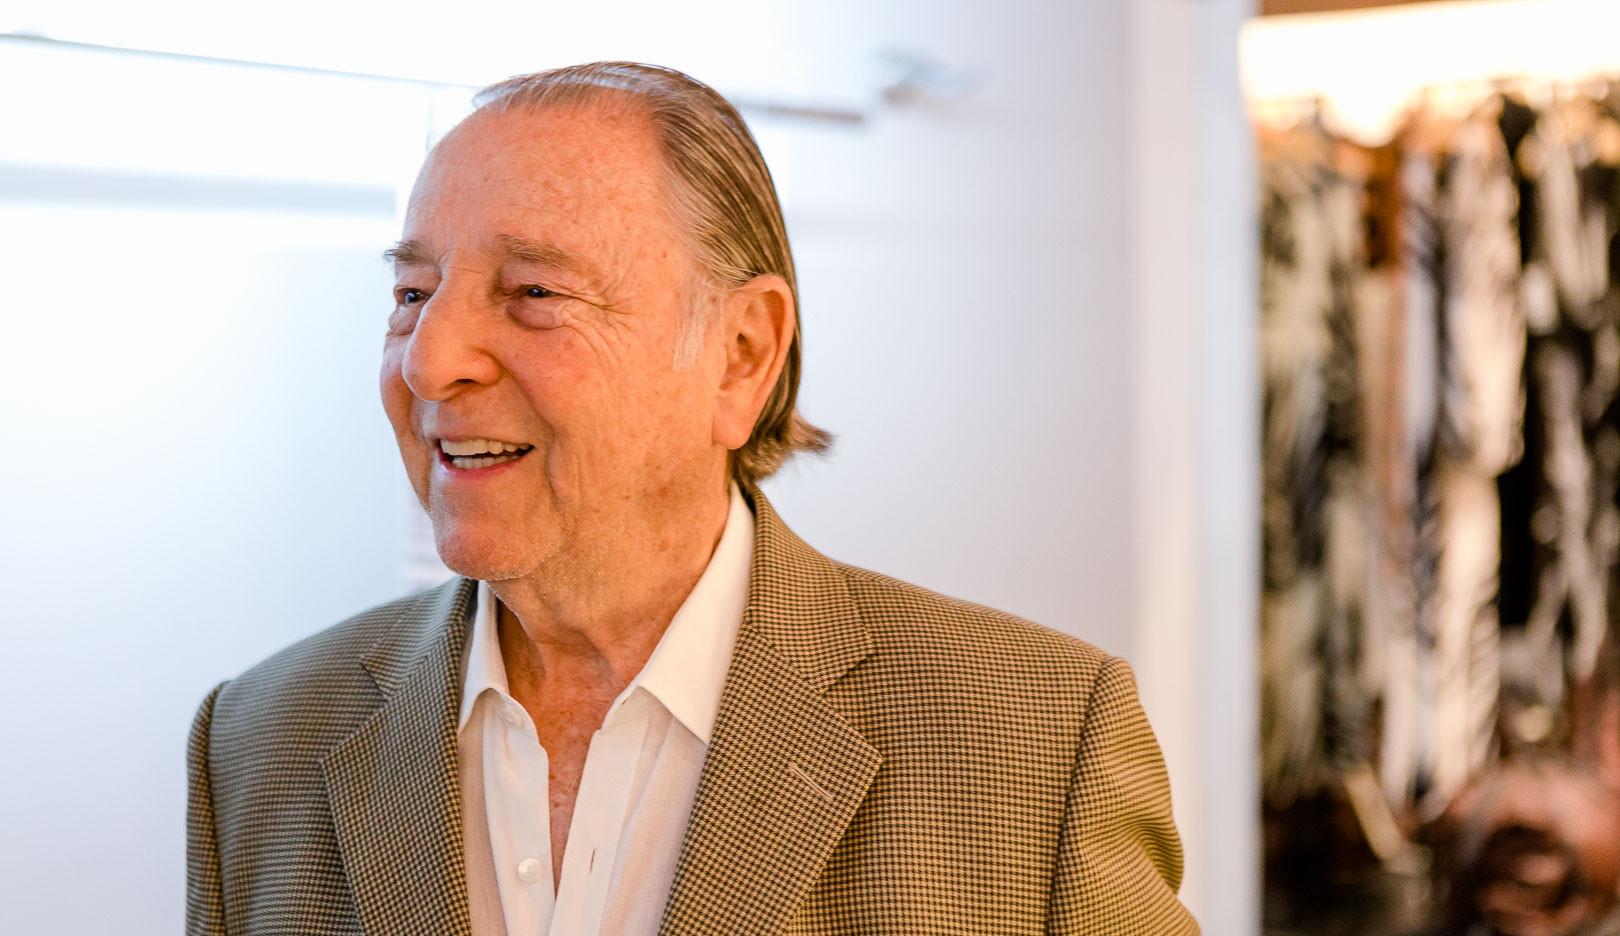 Morre Armando Klabin, presidente do conselho de administração Klabin